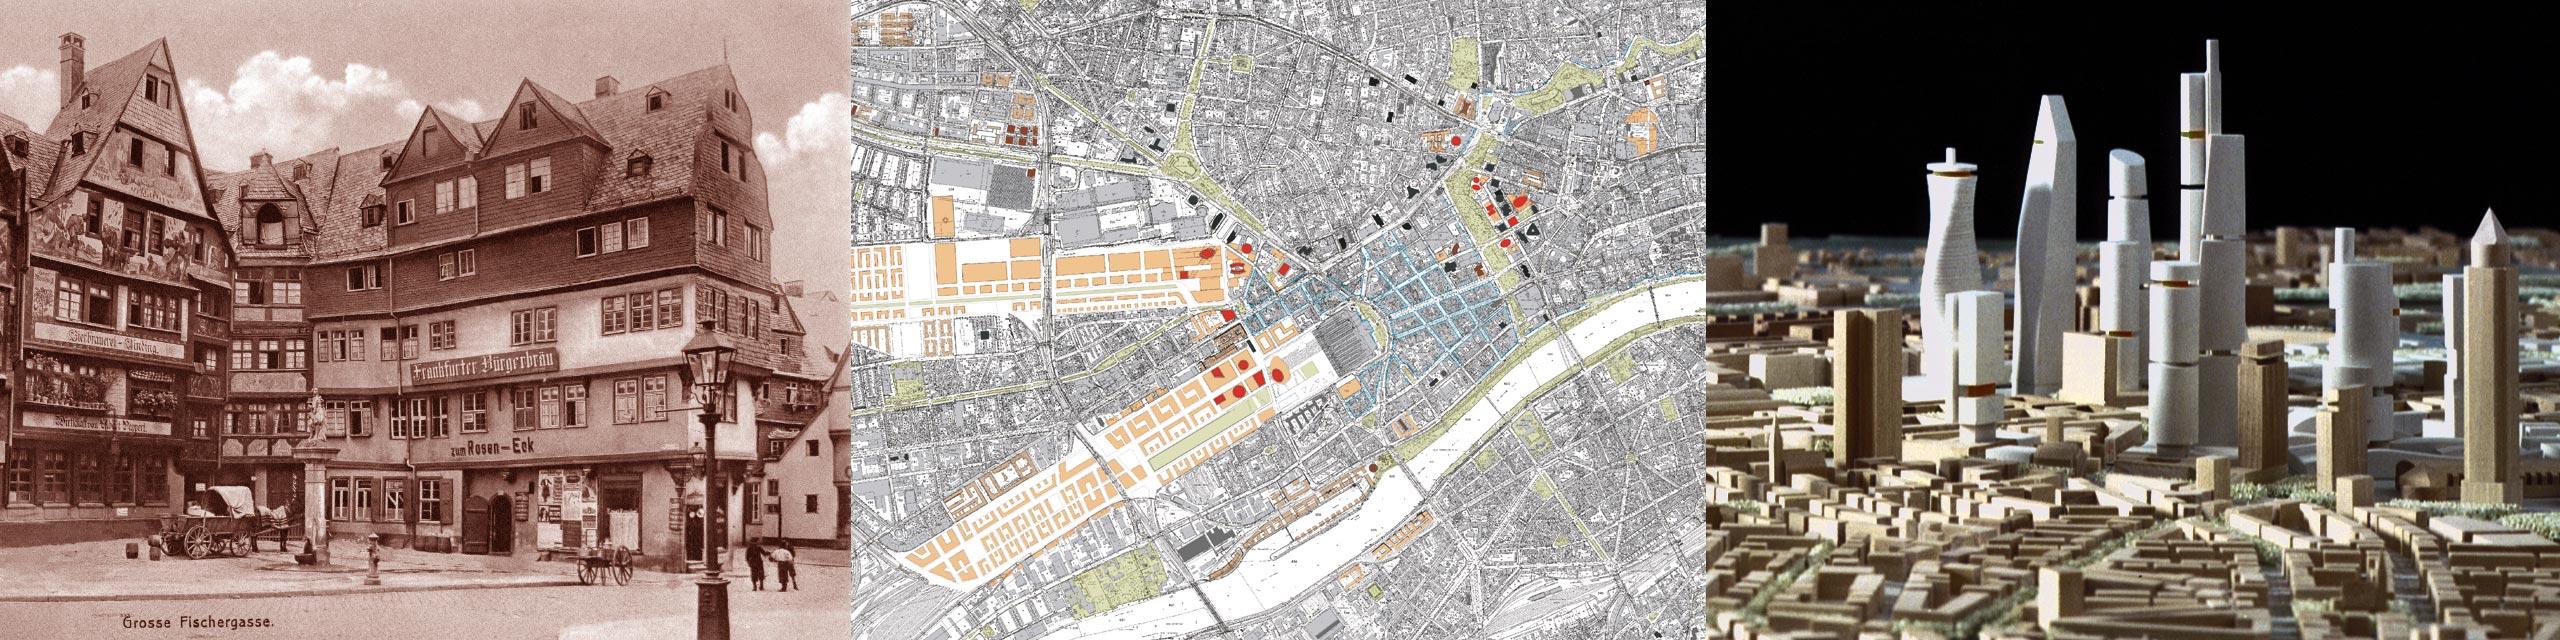 Jourdan & Müller PAS - Hochhausleitbild Frankfurt - Hochhaus Entwicklungspläne - Rahmenpläne für den Bau neuer Wolkenkratzer